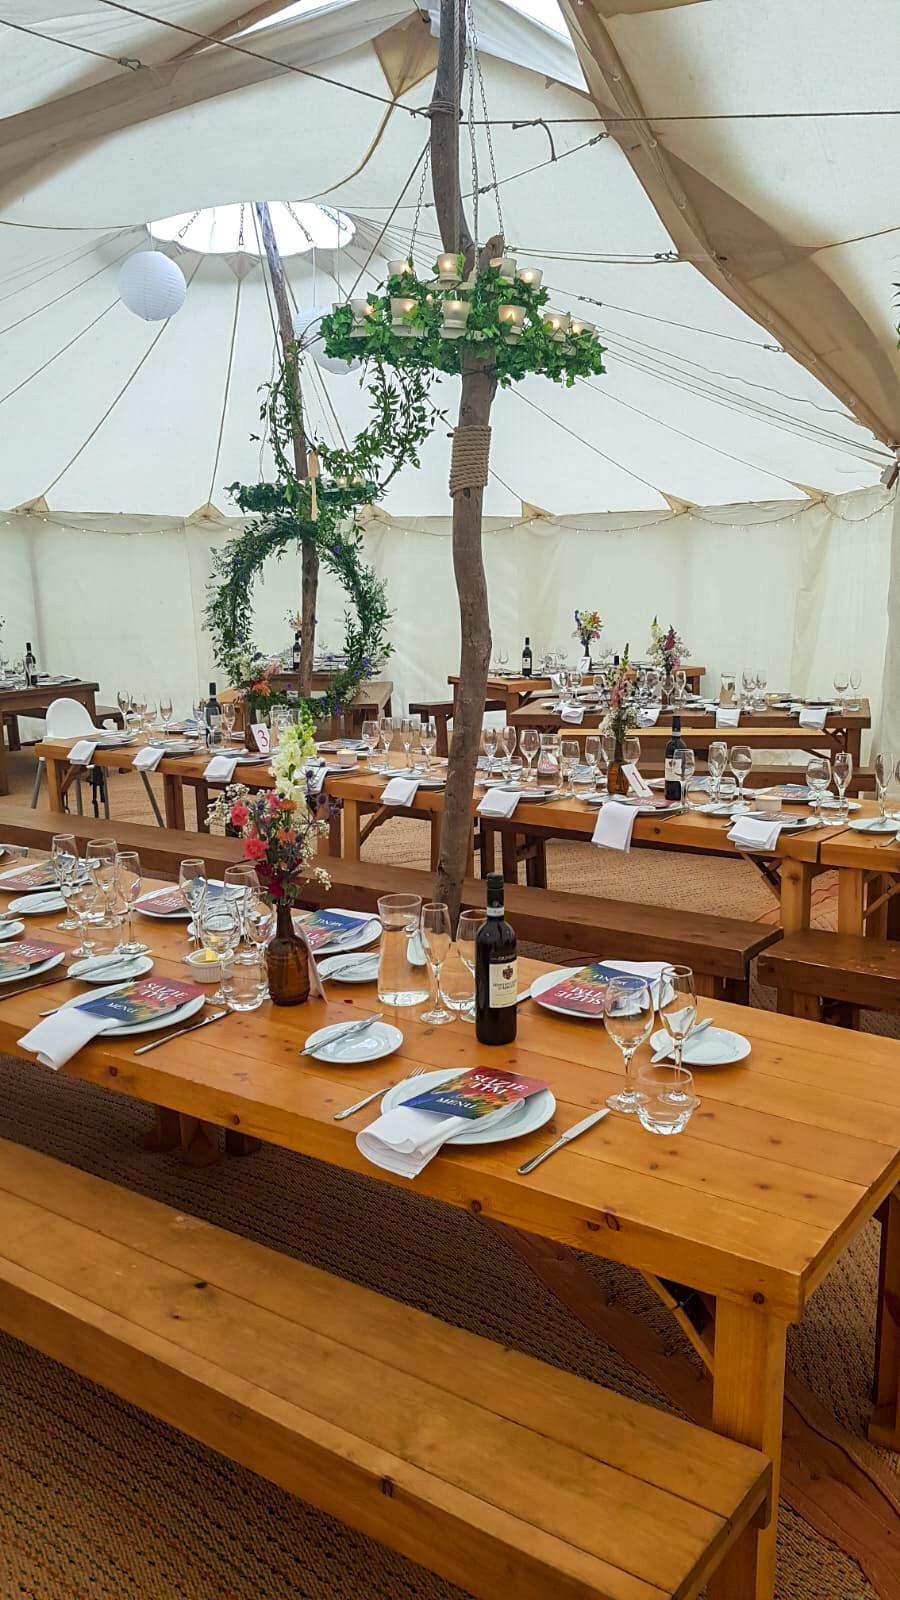 Tipi wedding in shropshire, marquee bar, wedding bar shrewsbury, church stretton wedding, DIY wedding inspo